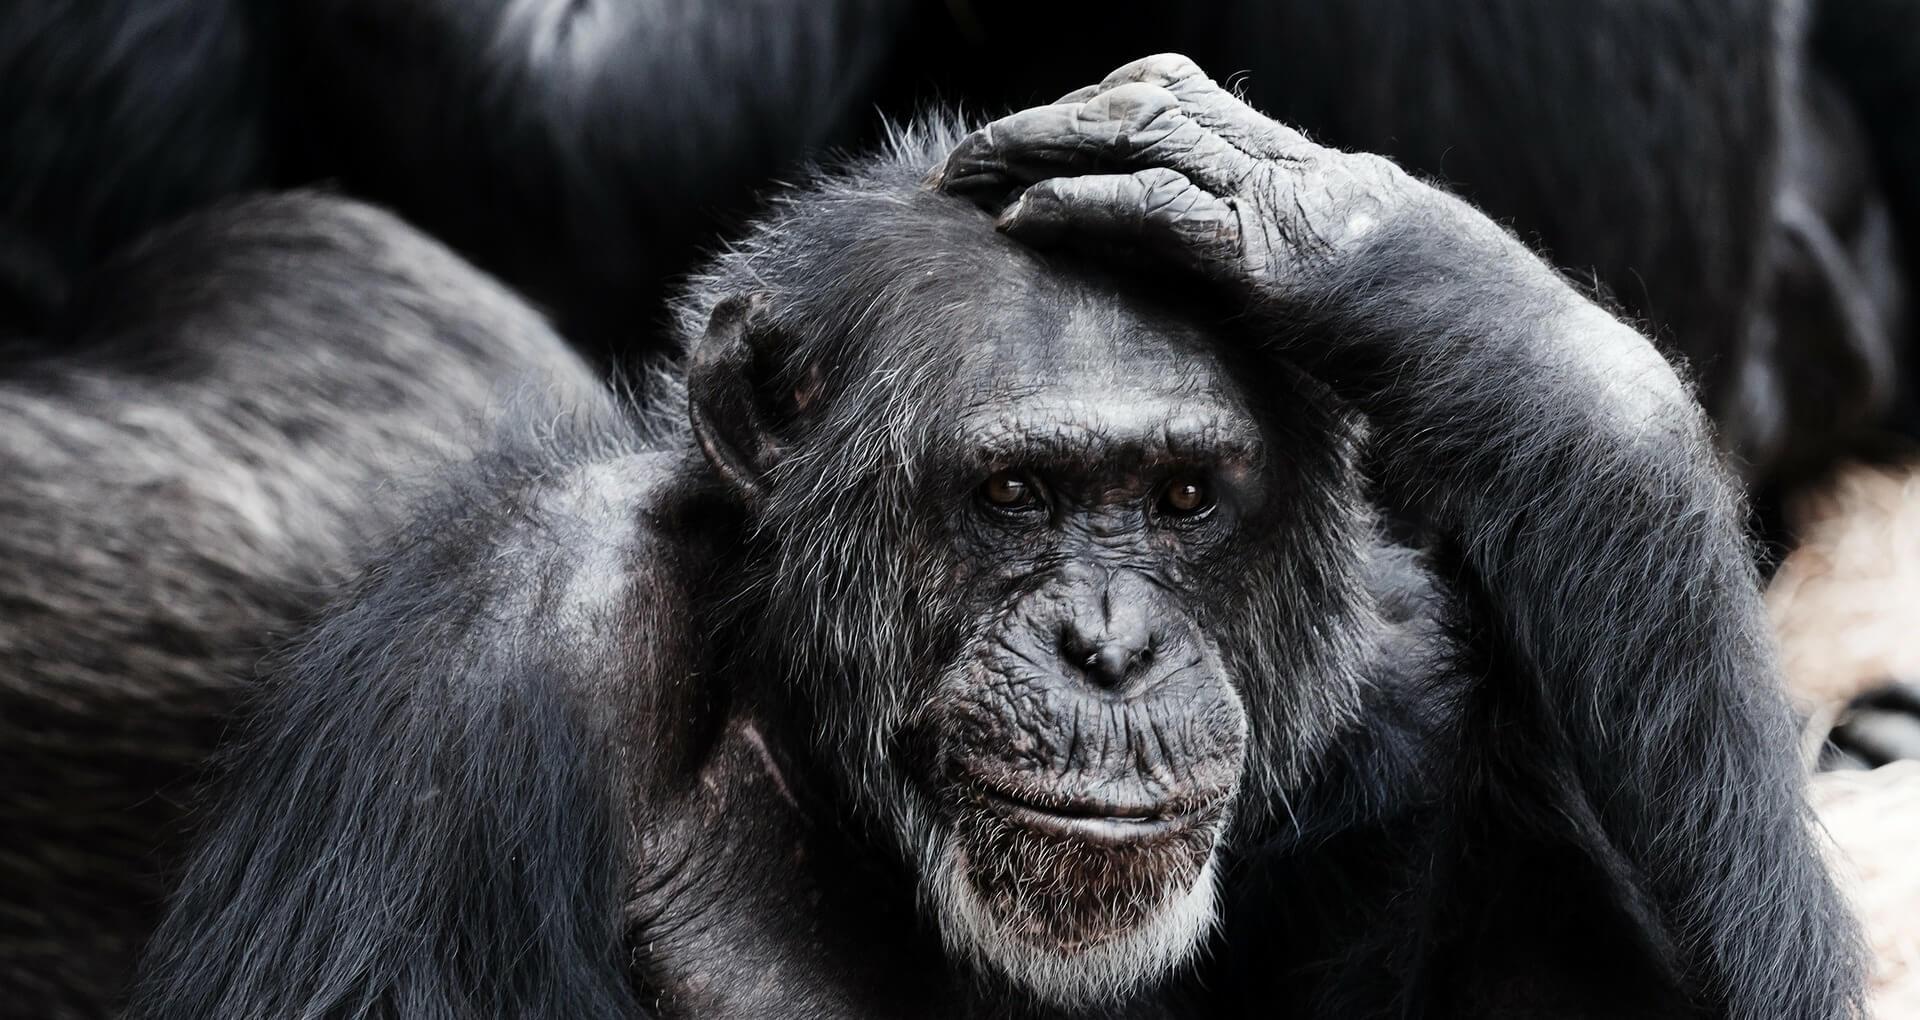 L'essere umano è carnivoro o erbivoro?